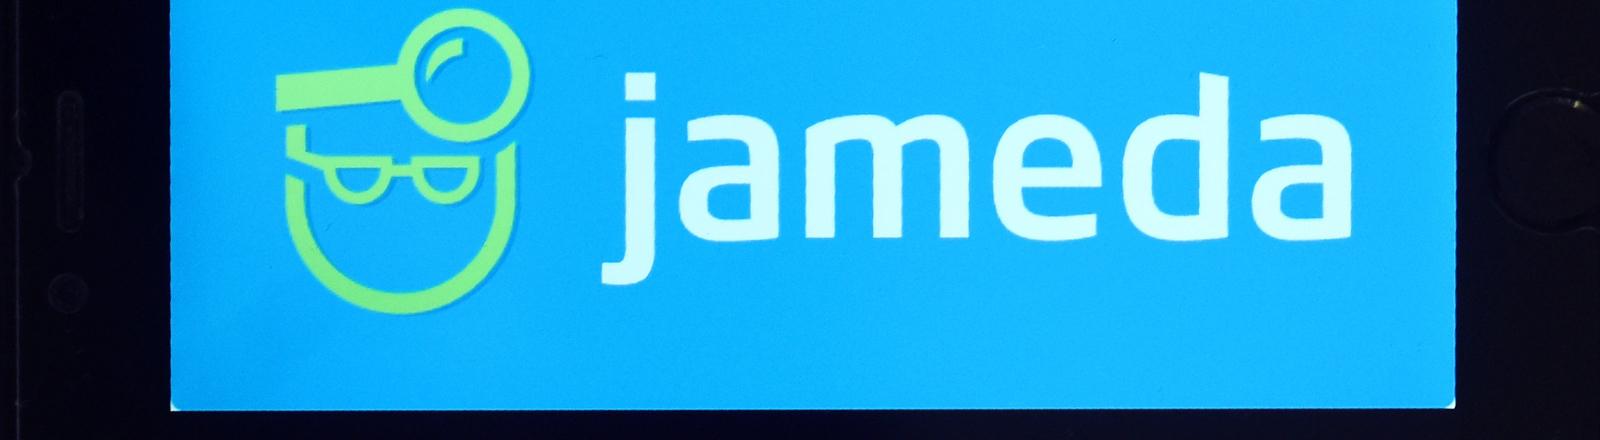 Jameda-Schriftzug auf einem Smartphone-Display